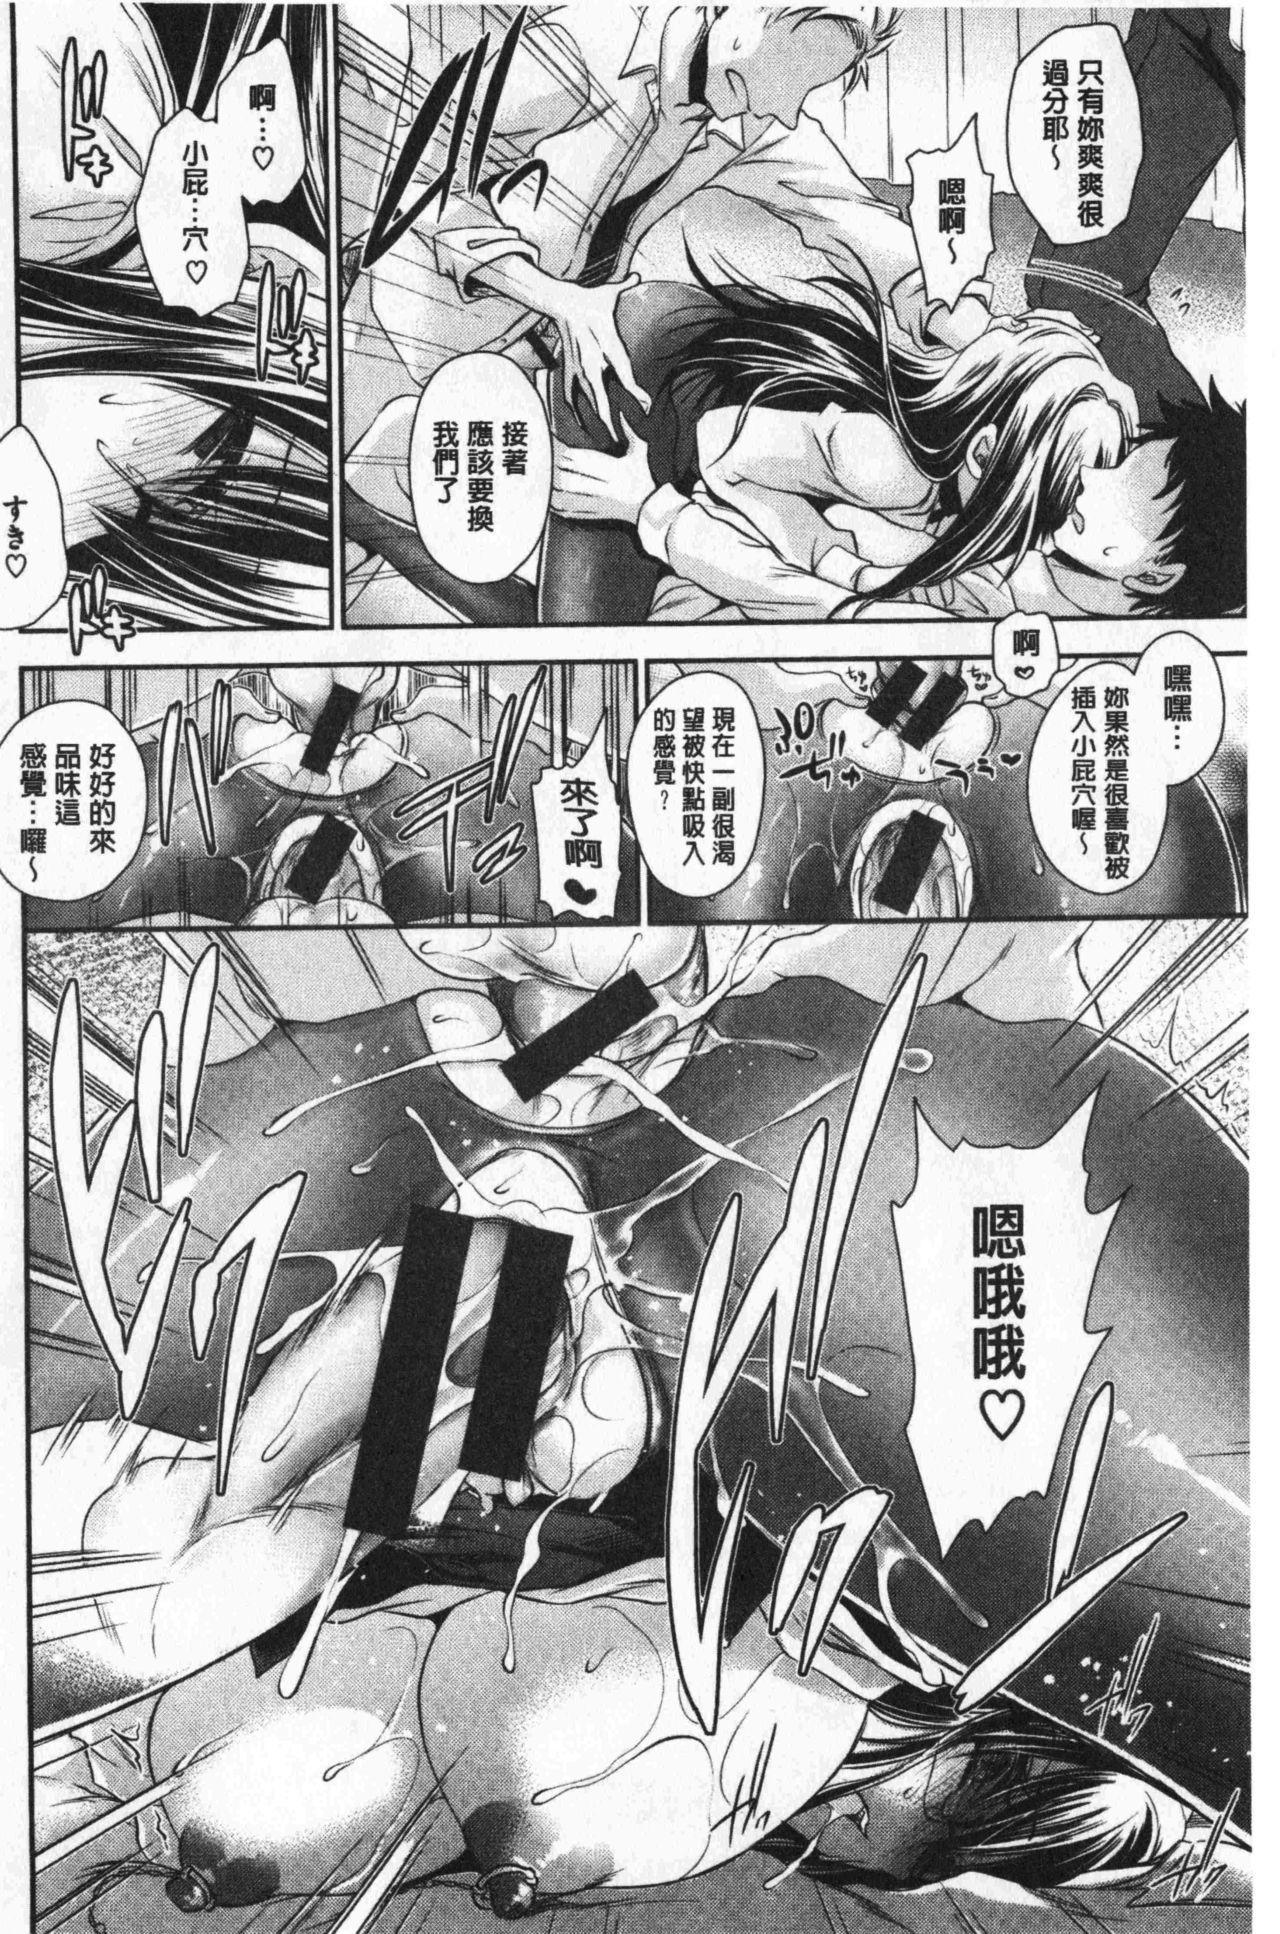 Doku Aru Hana no Amai Mitsu   毒淫花的甘甜蜜 71